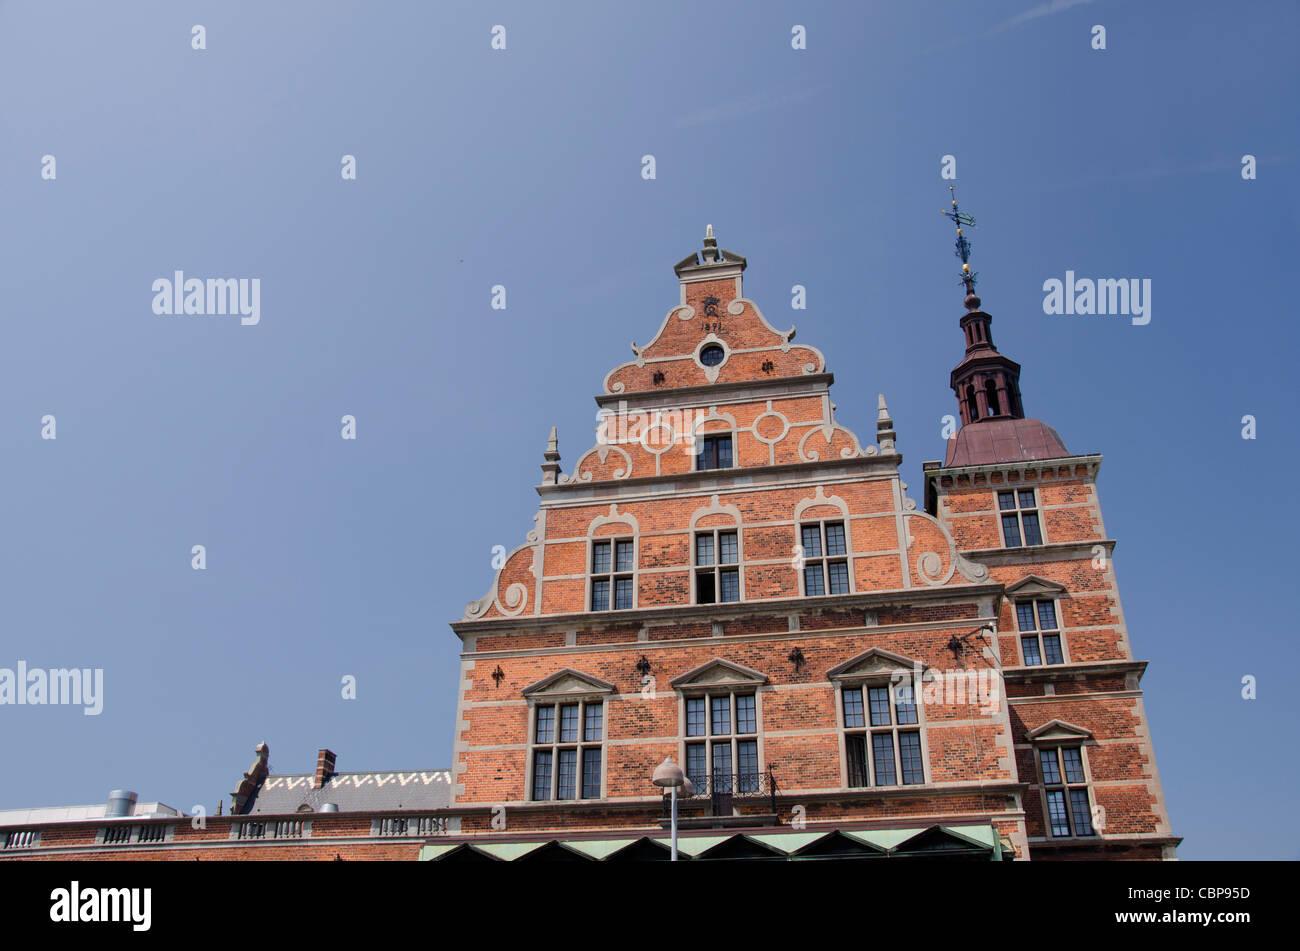 Denmark, Helsingoer. Historic Helsingoer train station. - Stock Image